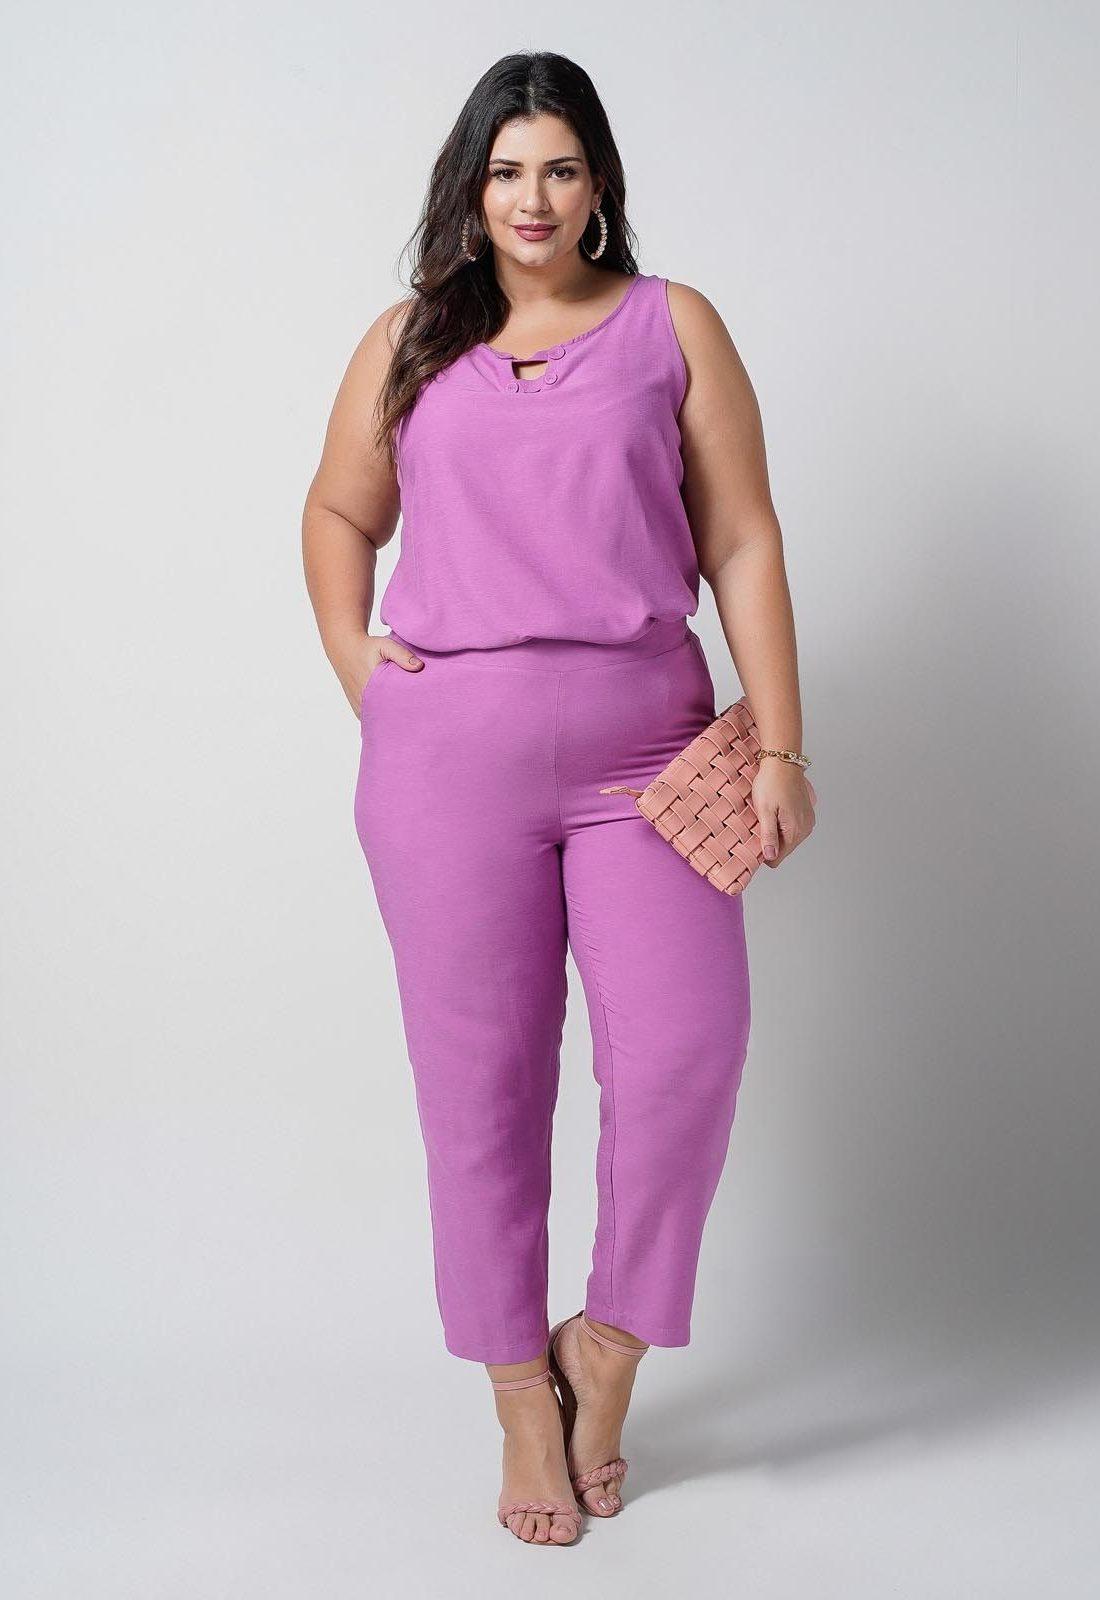 Conjunto  plus size  pink blusa e calça elástico nas costas  Ref. U67421